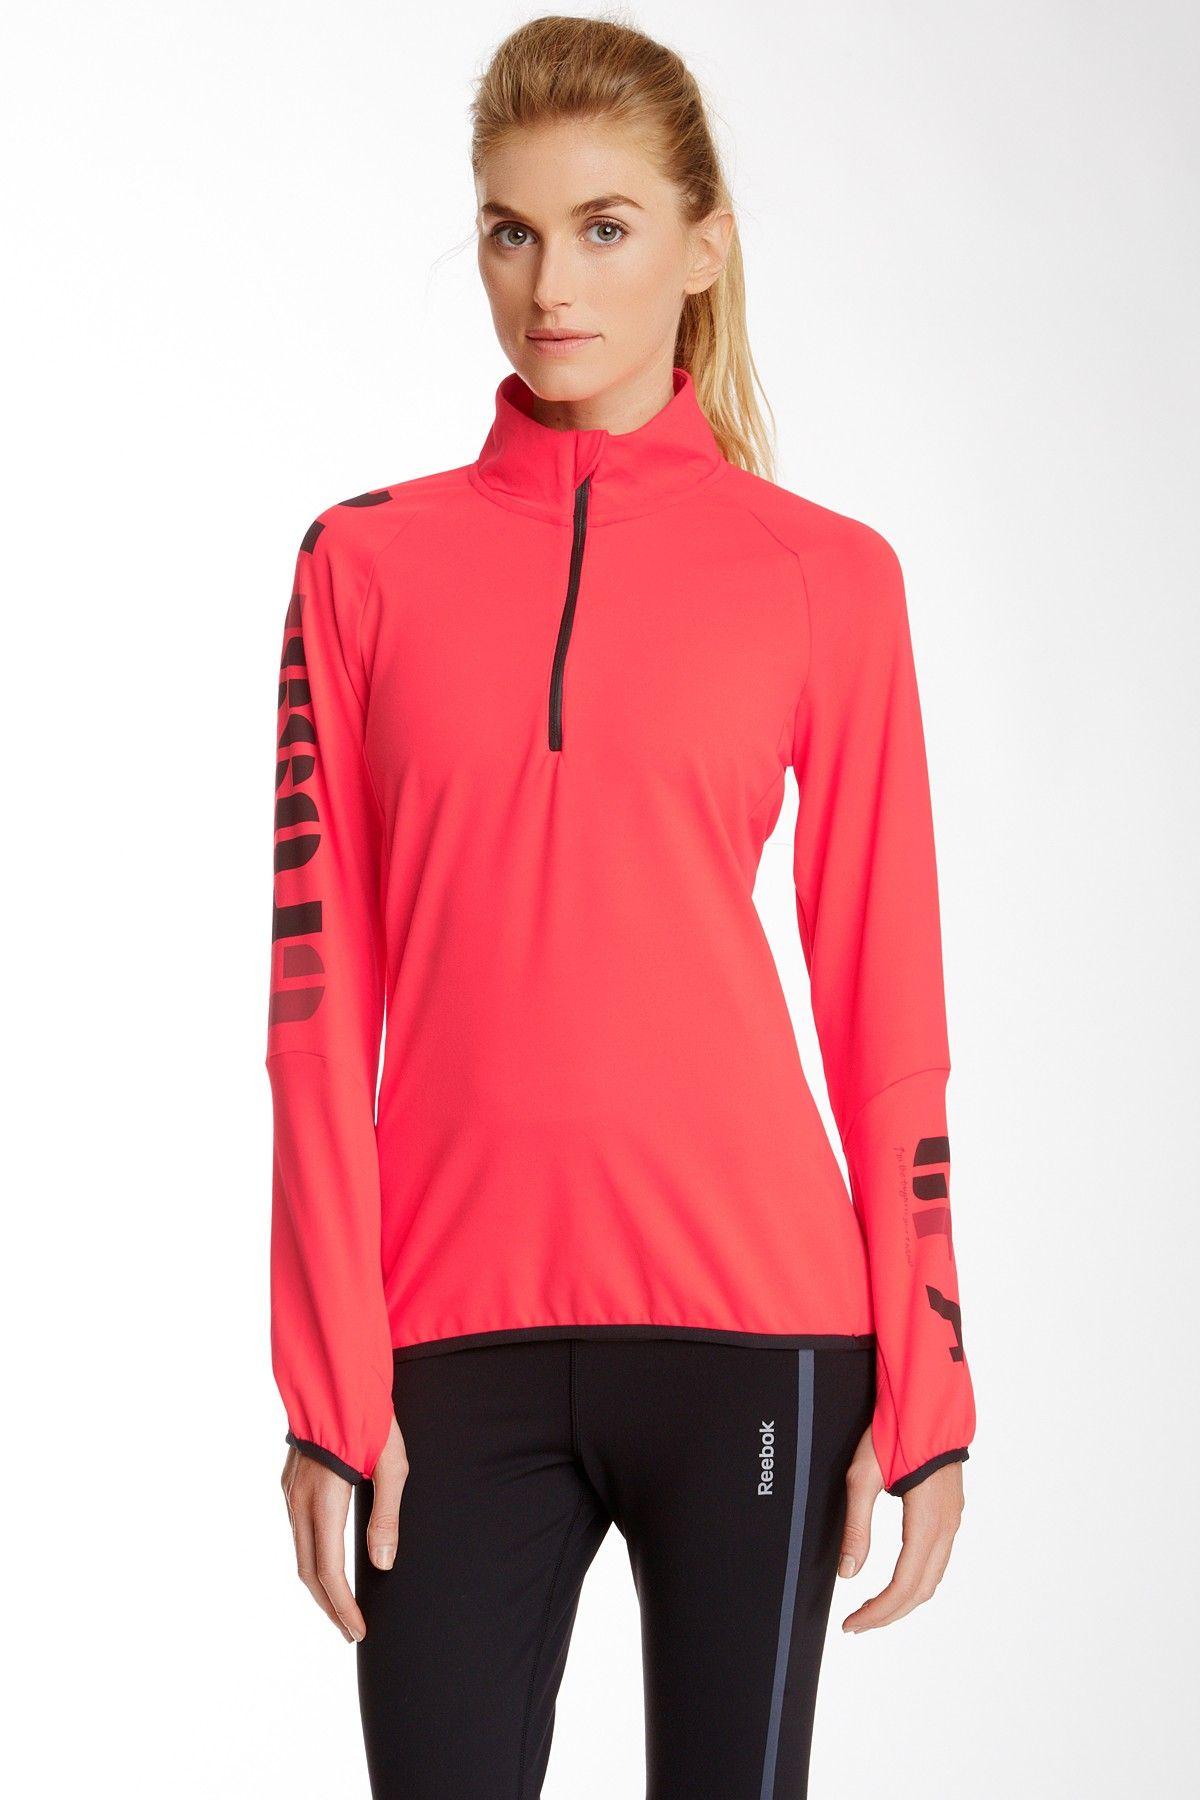 Reebok Crossfit Fleece ZipUp Jacket Clothing and Style